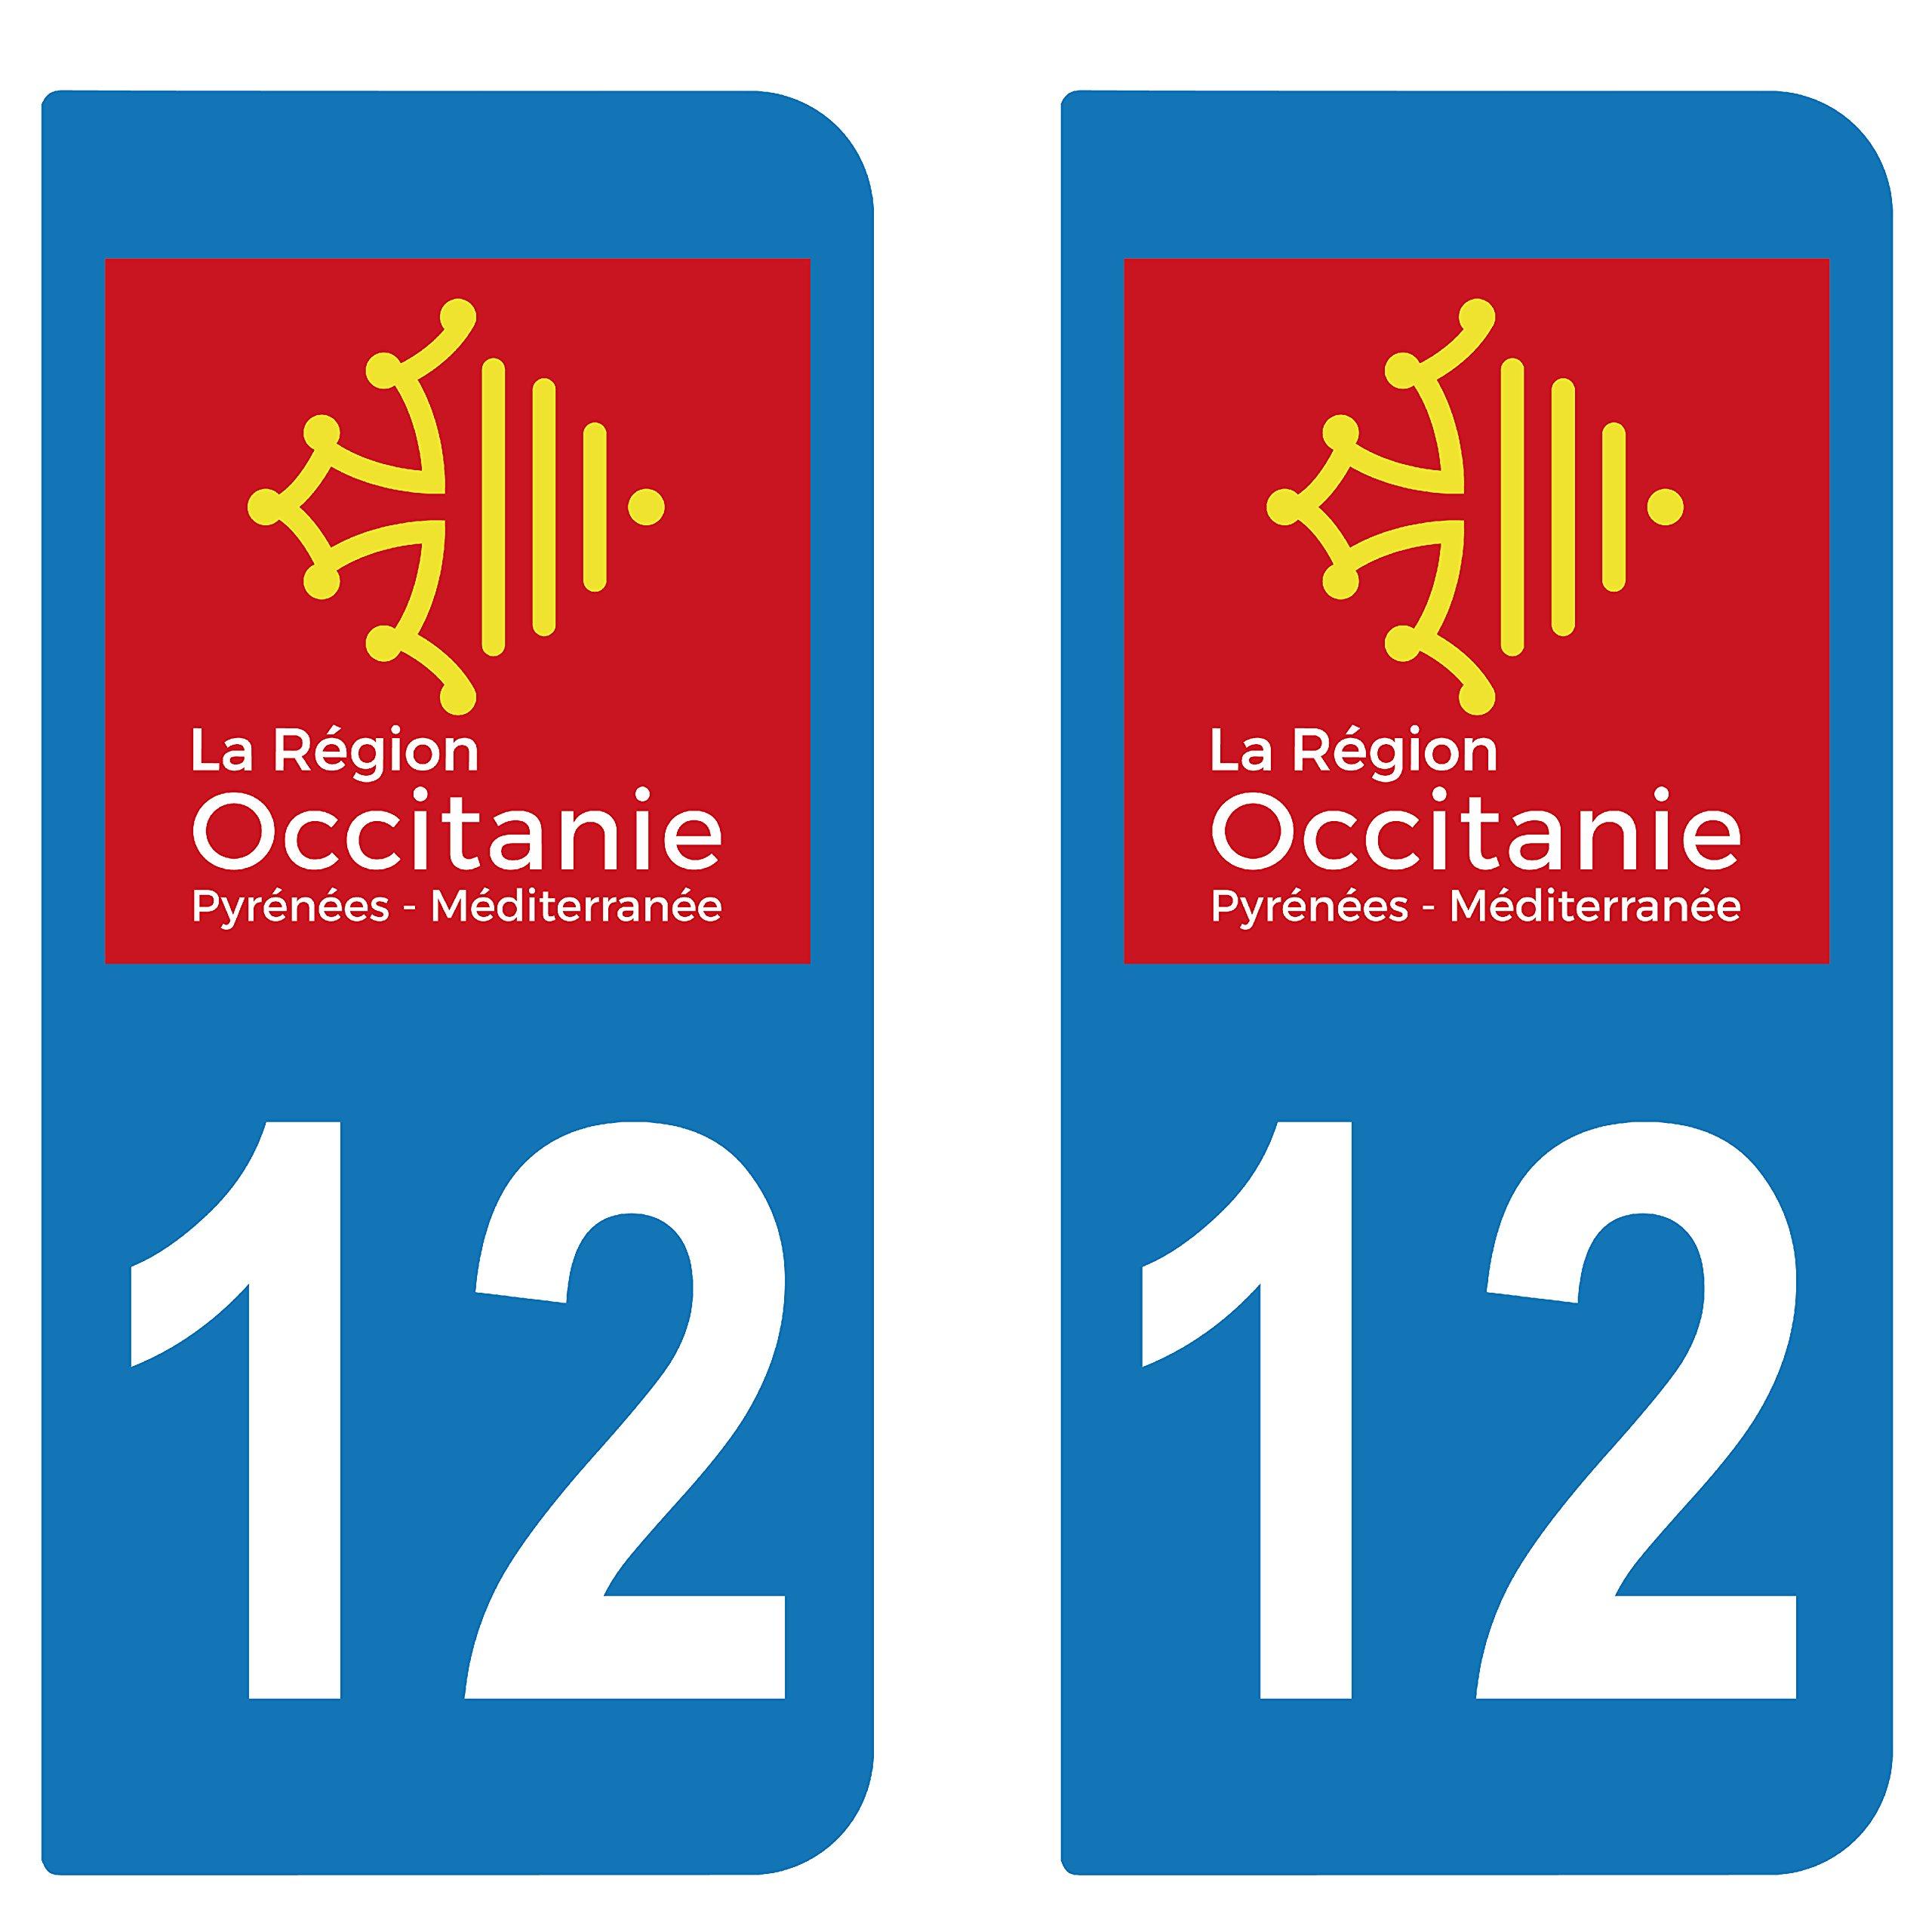 SupStick 2 adhesivos adhesivo para matrícula Departement 12 Aveyron Region Occitania: Amazon.es: Coche y moto